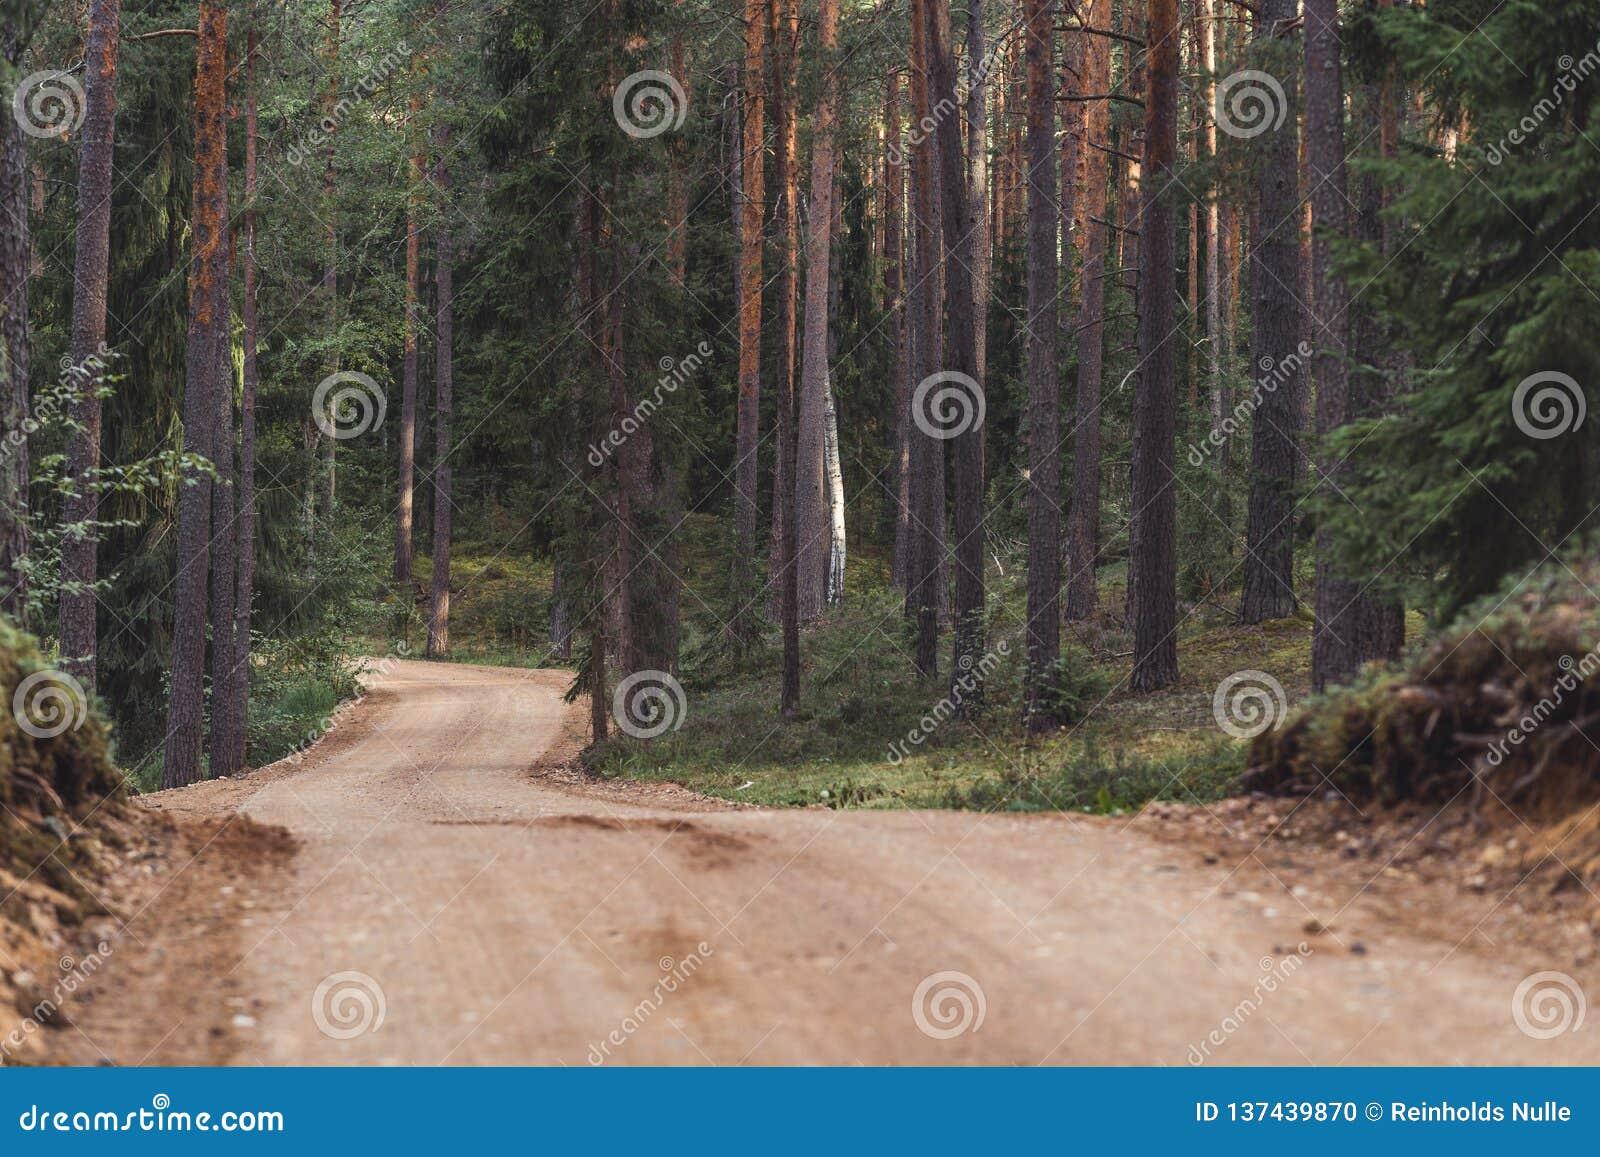 森林公路旅游远足的道路的看法,朝向更深在森林在晴朗的夏日,部分模糊的照片以自由